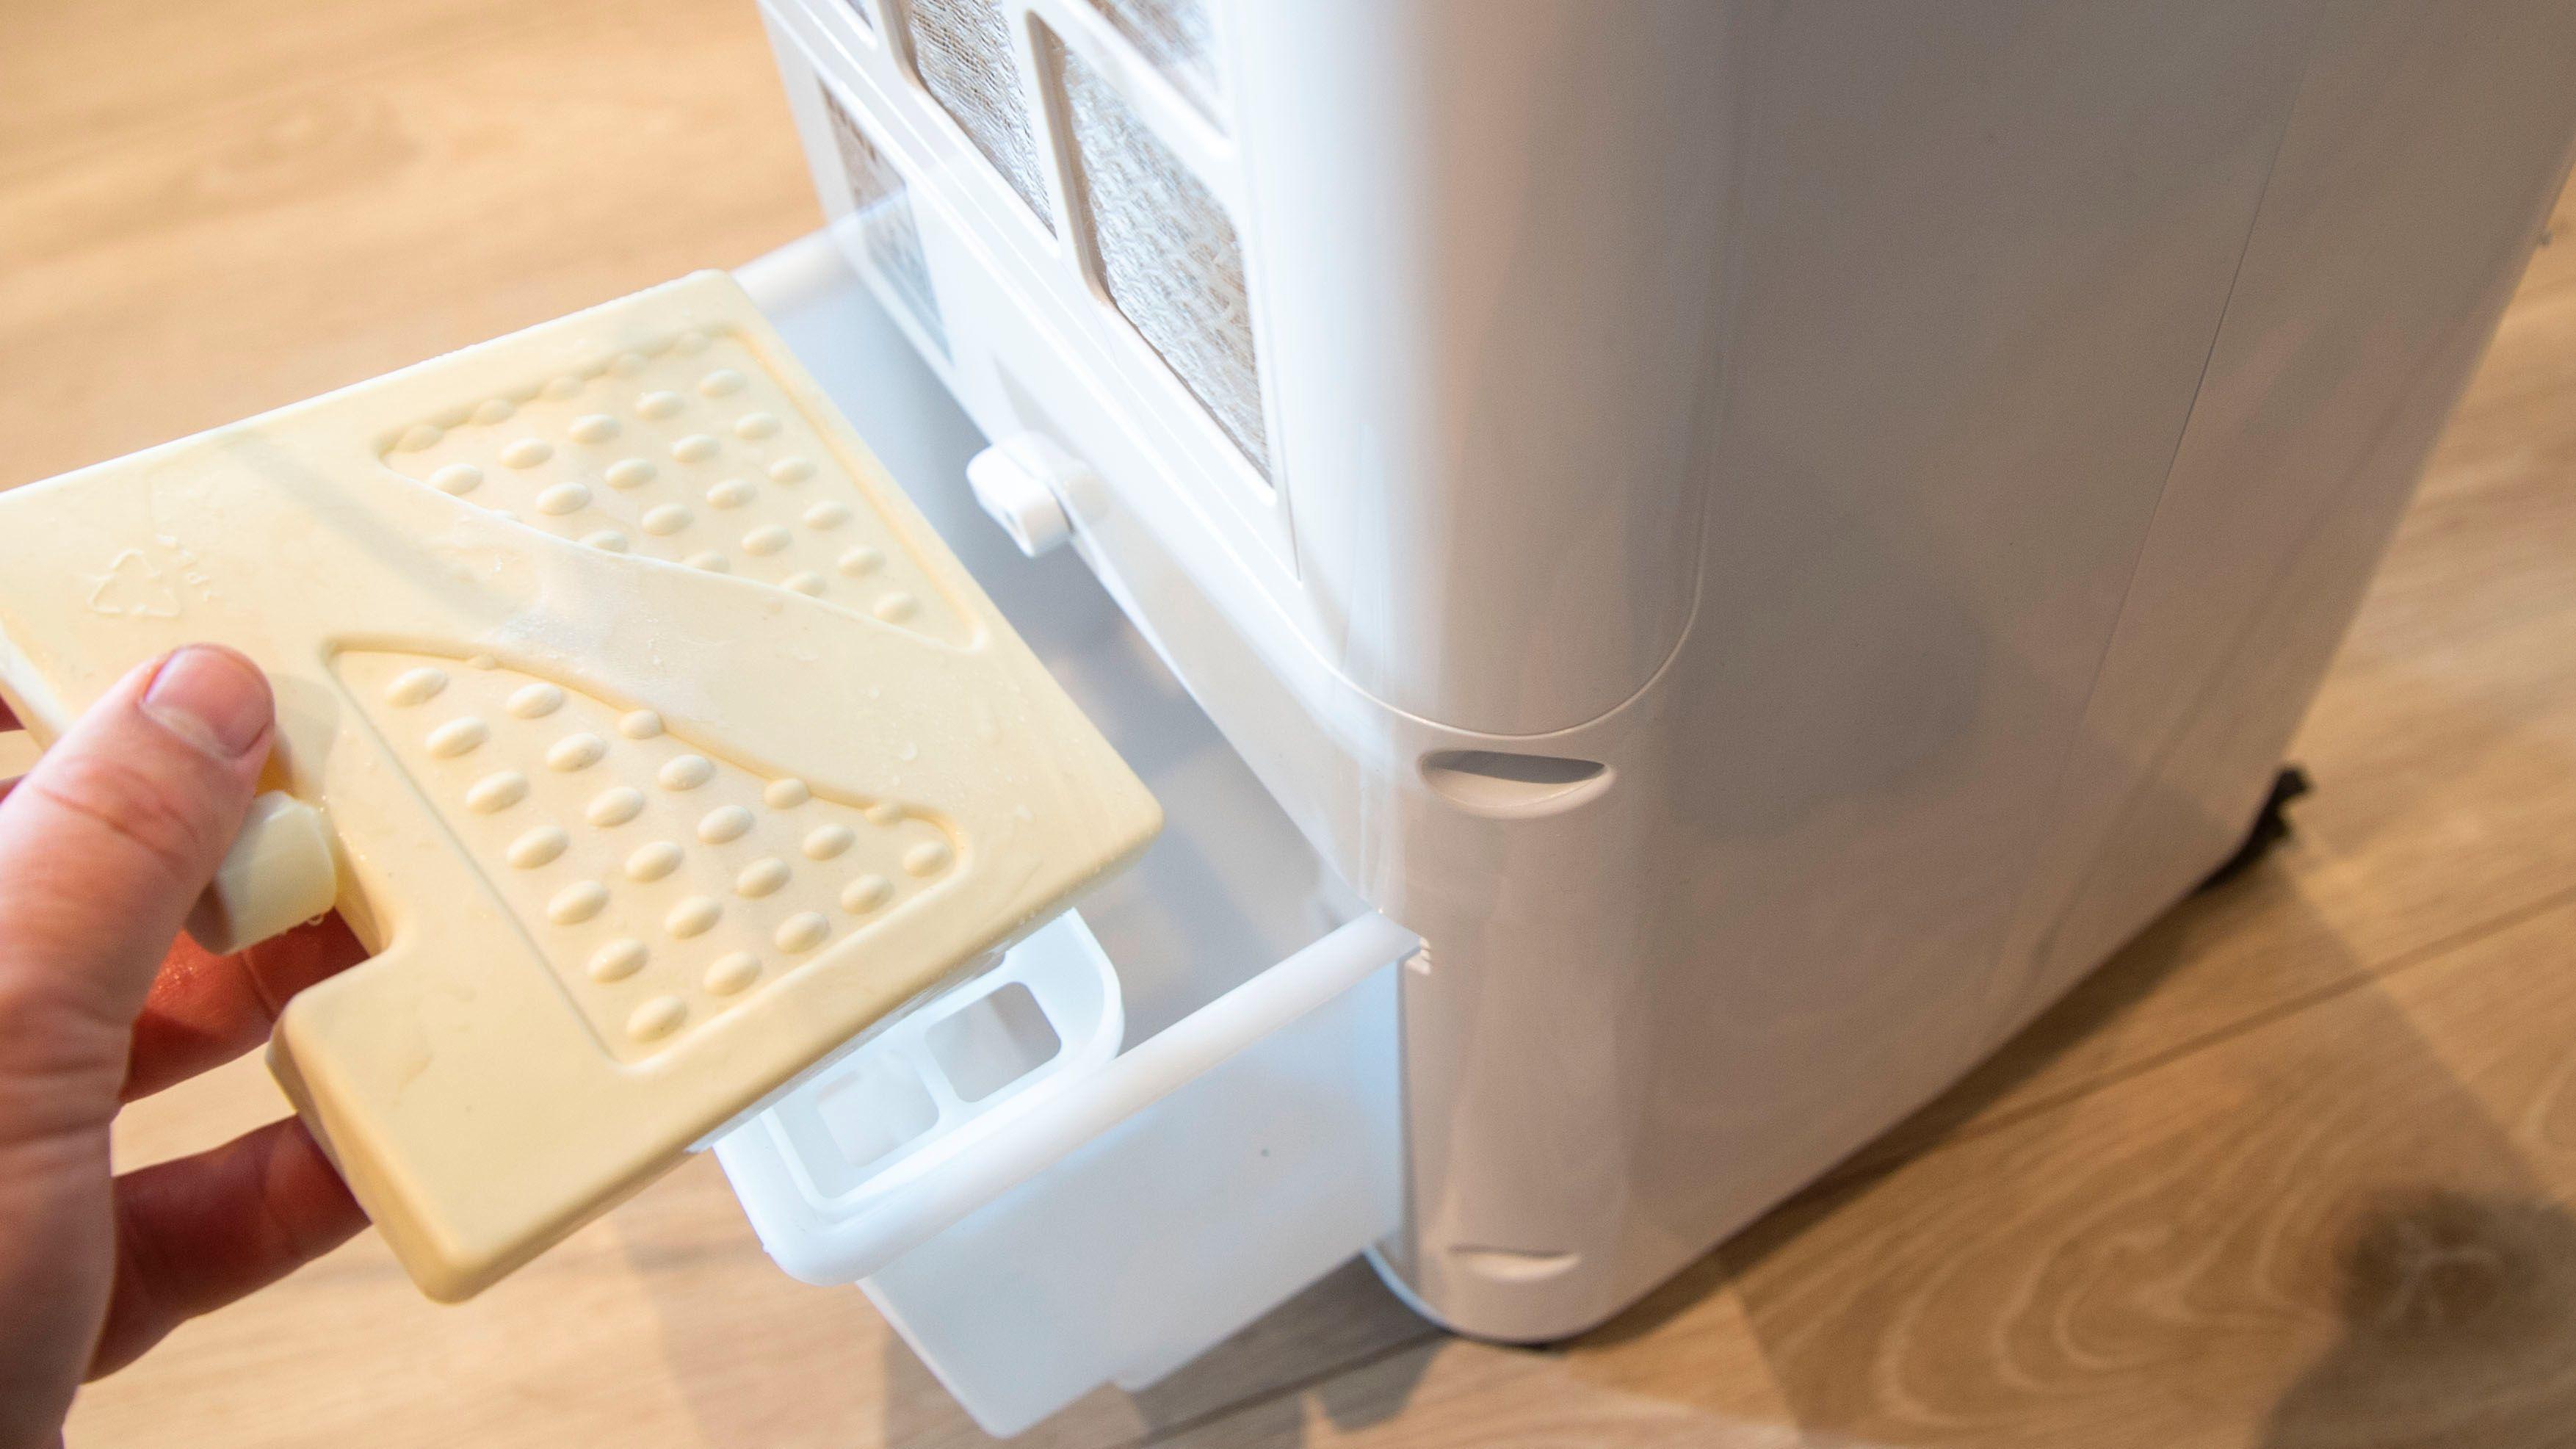 Det følger med fryseelementer når du kjøper Senz sin maskin.